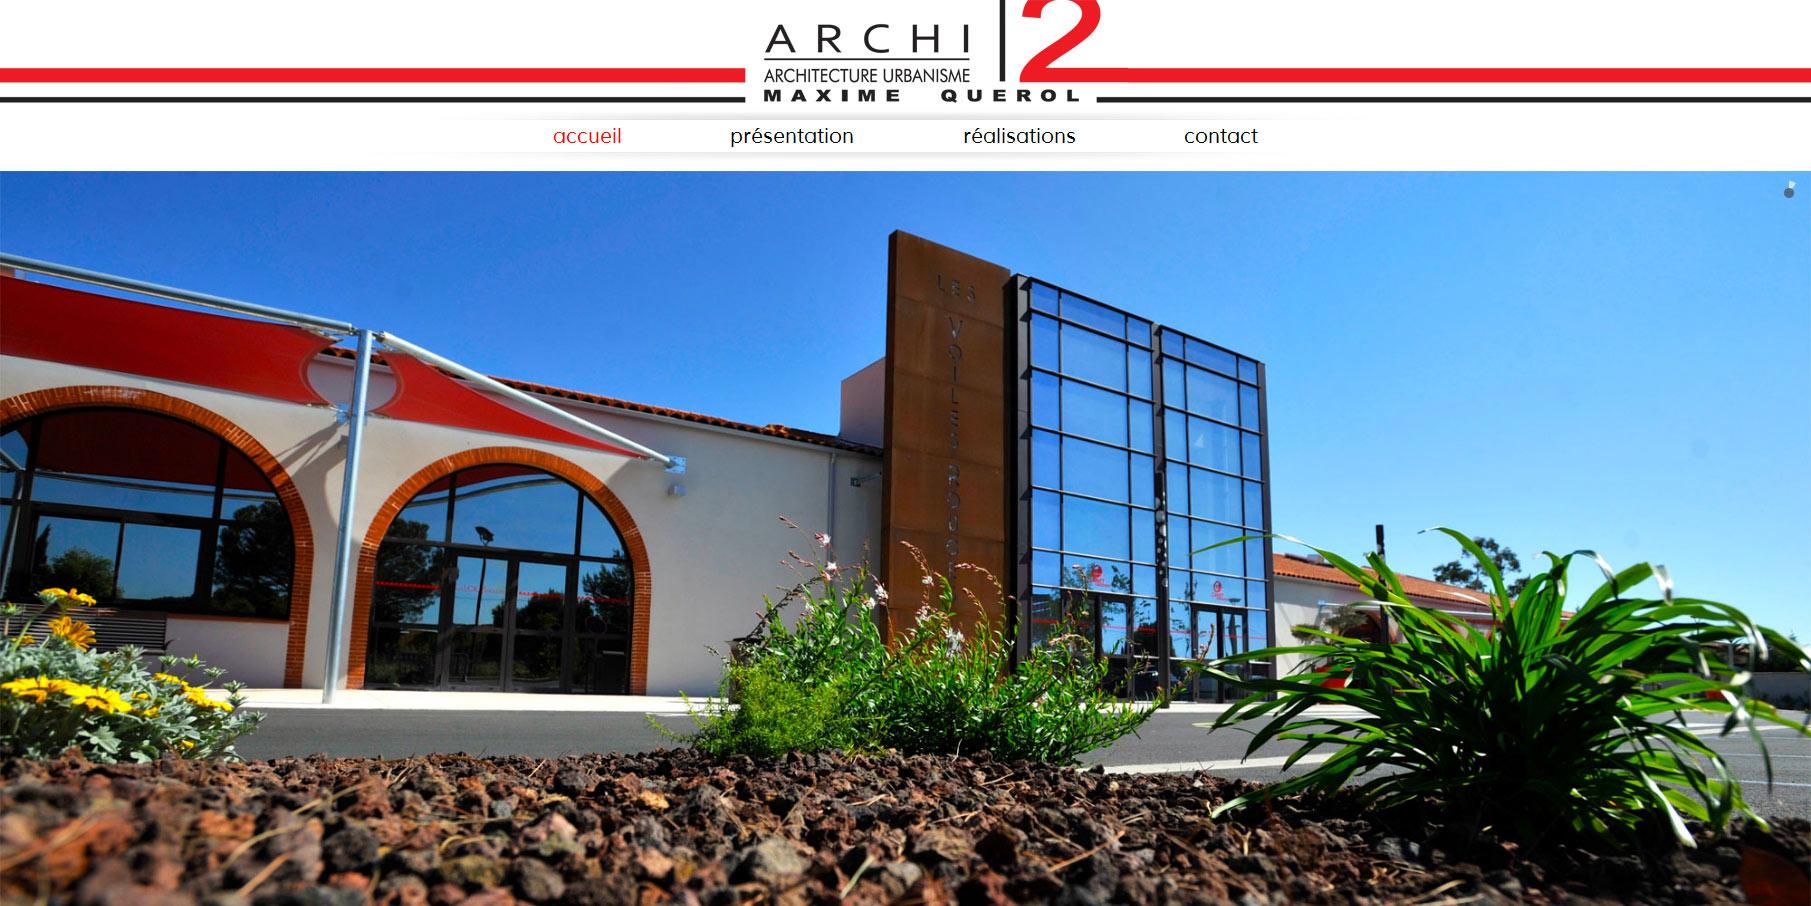 Archi2